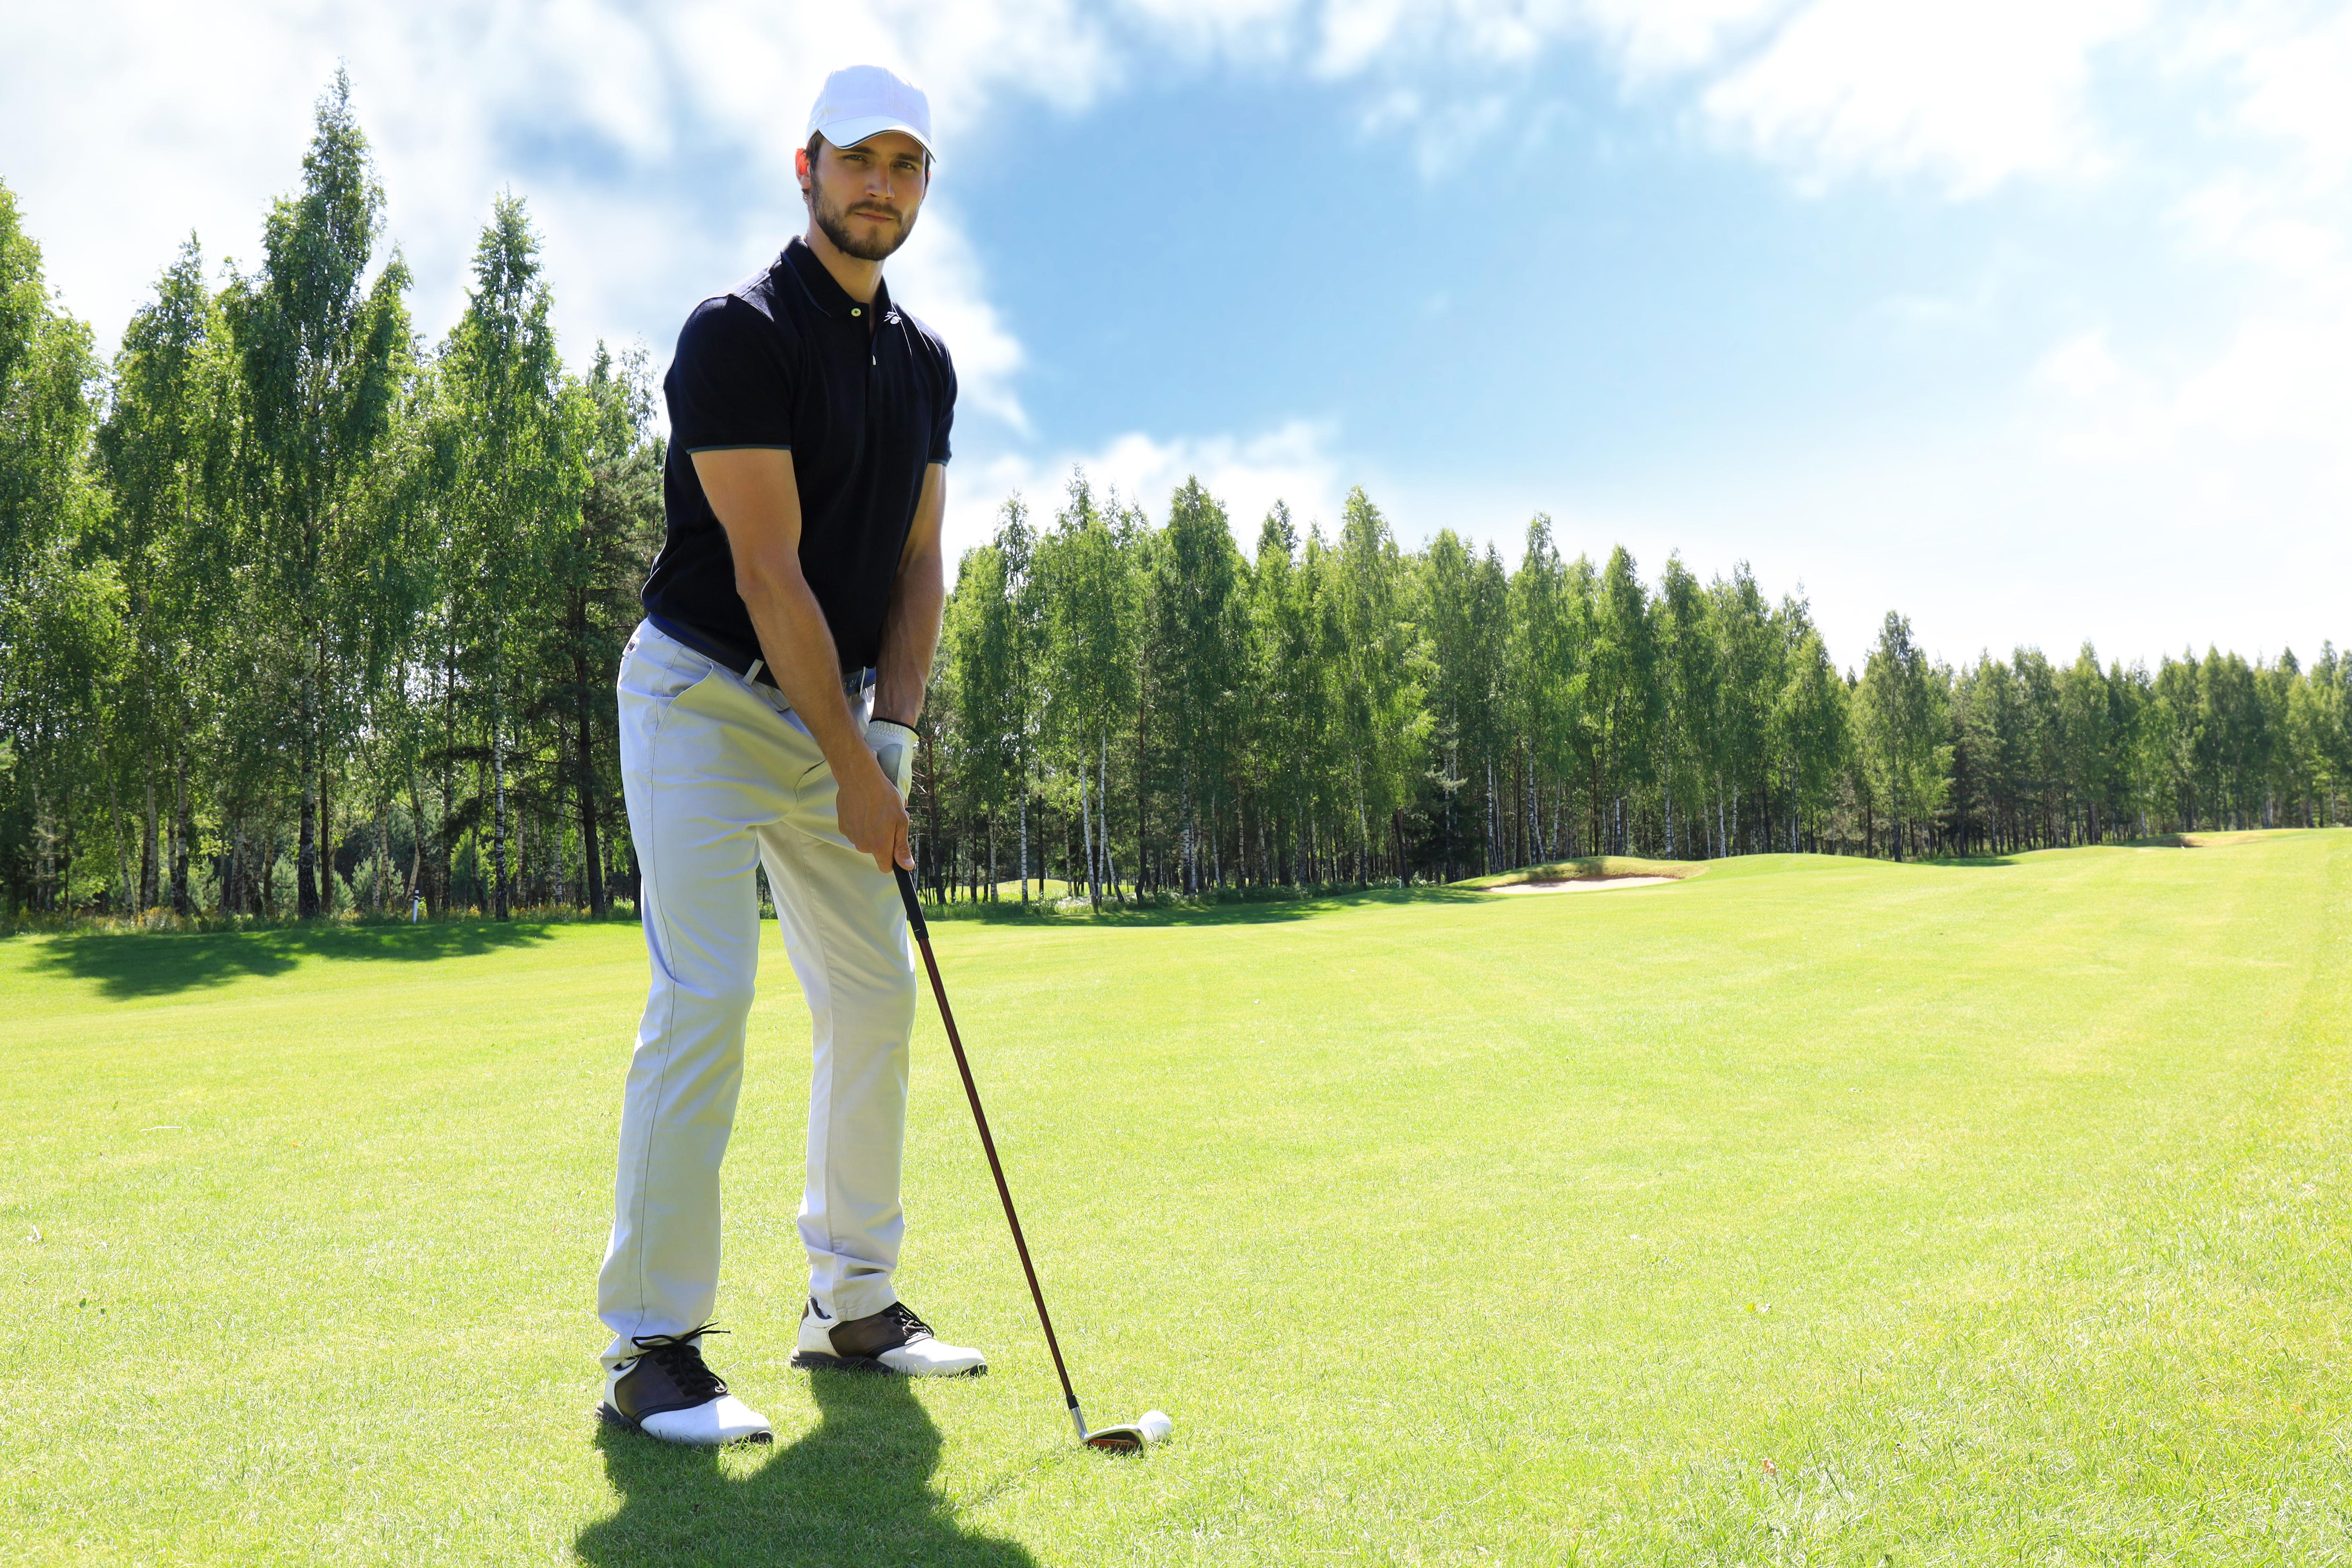 Een man met een golfpet en een polo aan staat met een golfclub op de golfbaan